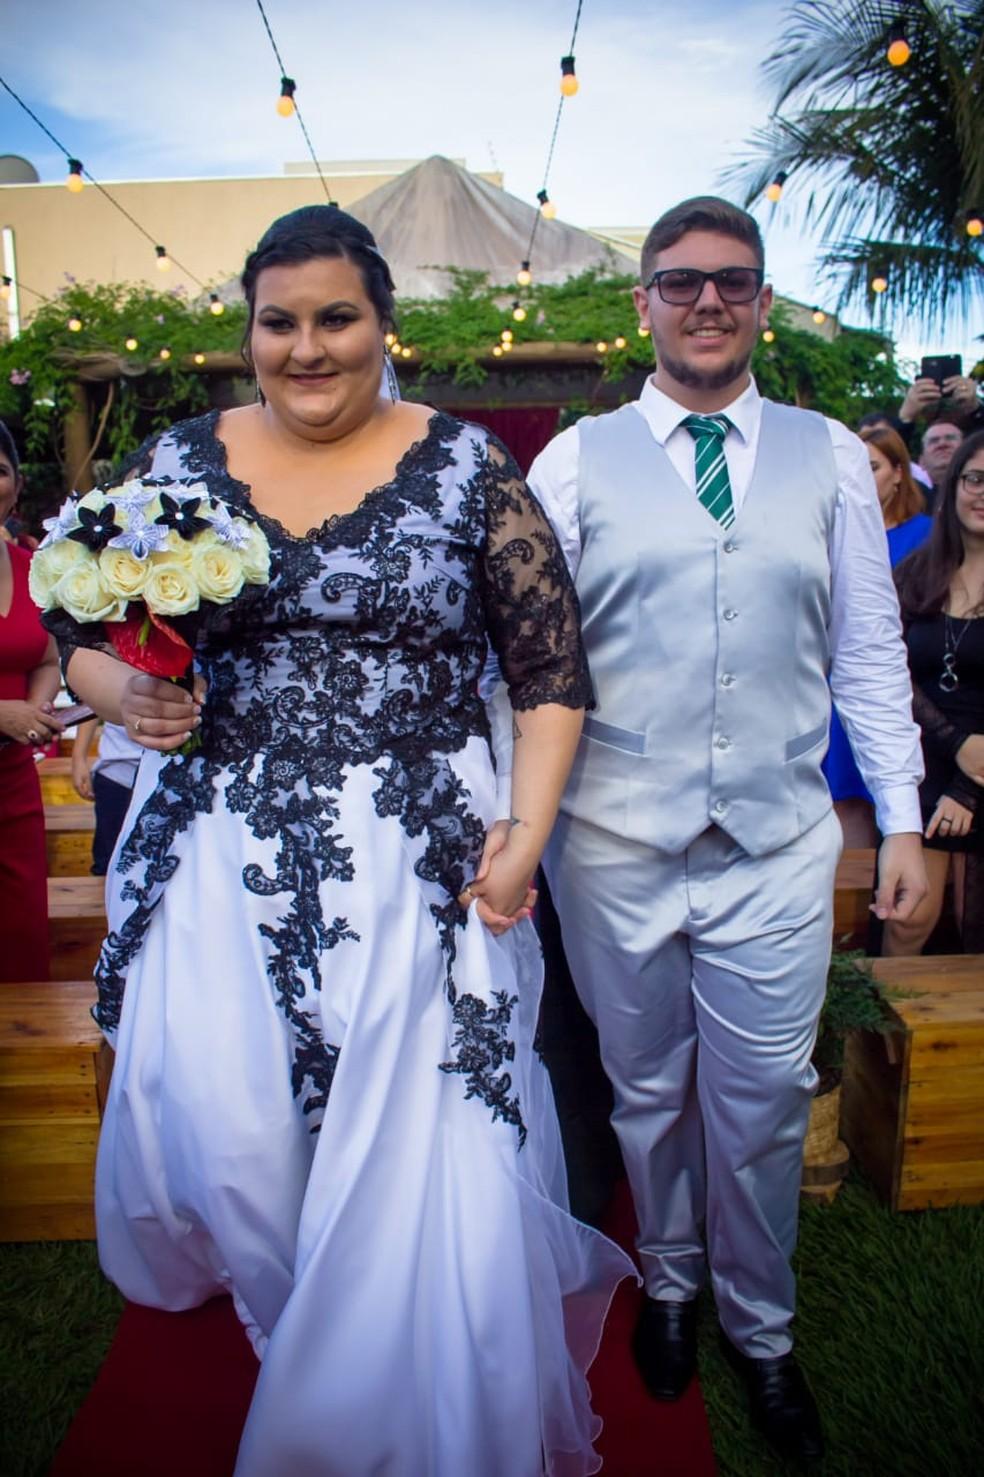 Vestido de Ariana foi inspirado na única noiva da saga, Fleur Delacour. — Foto: Fabio Ozuna/Reprodução